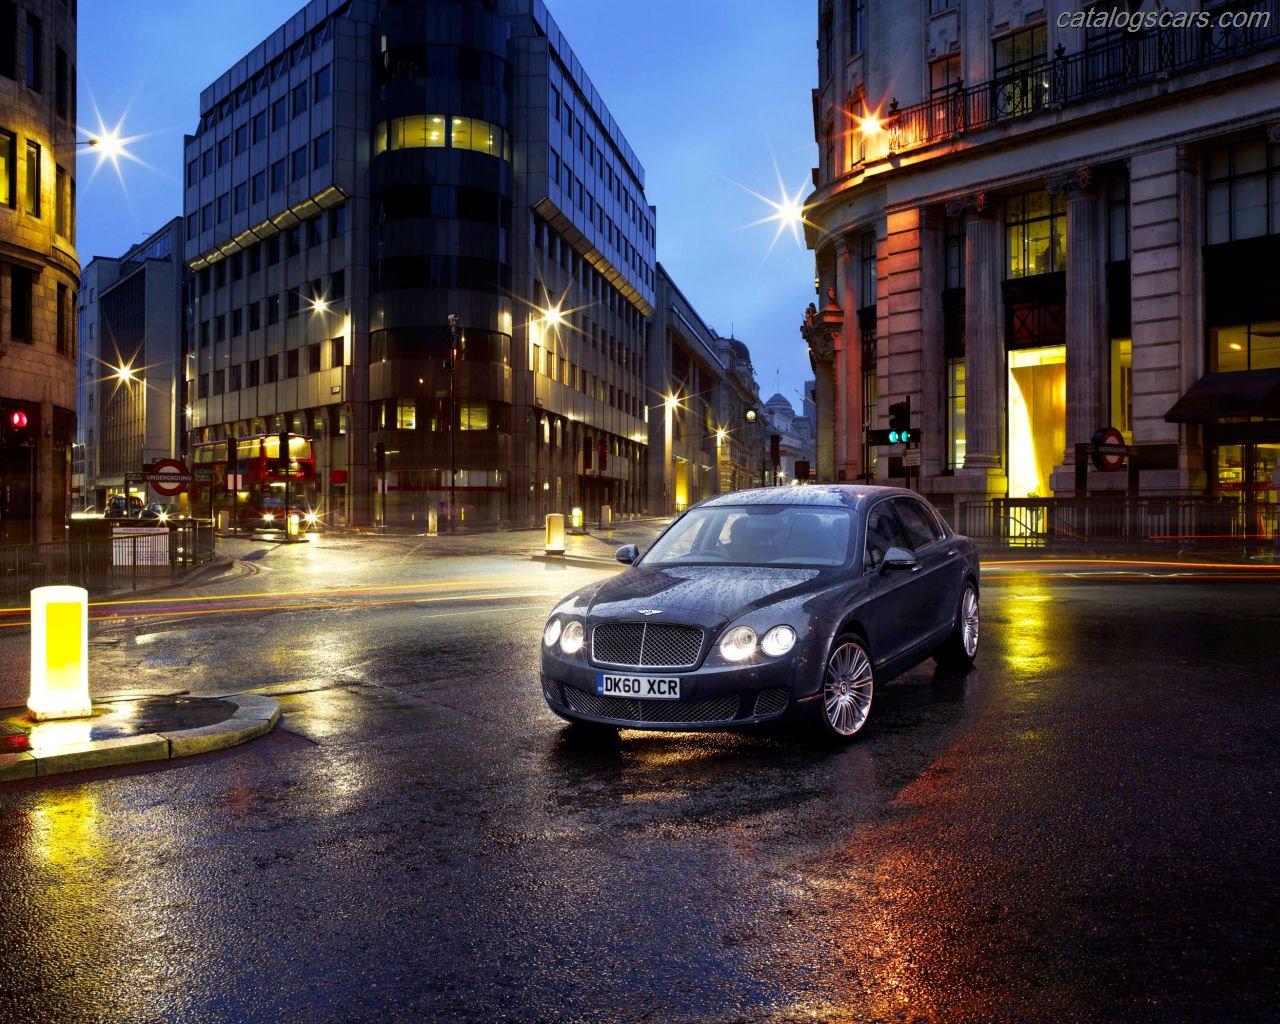 صور سيارة بنتلى كونتيننتال سيريس 51 2014 - اجمل خلفيات صور عربية بنتلى كونتيننتال سيريس 51 2014 - Bentley Continental Series 51 Photos Bentley-Continental-Series-51-2011-07.jpg